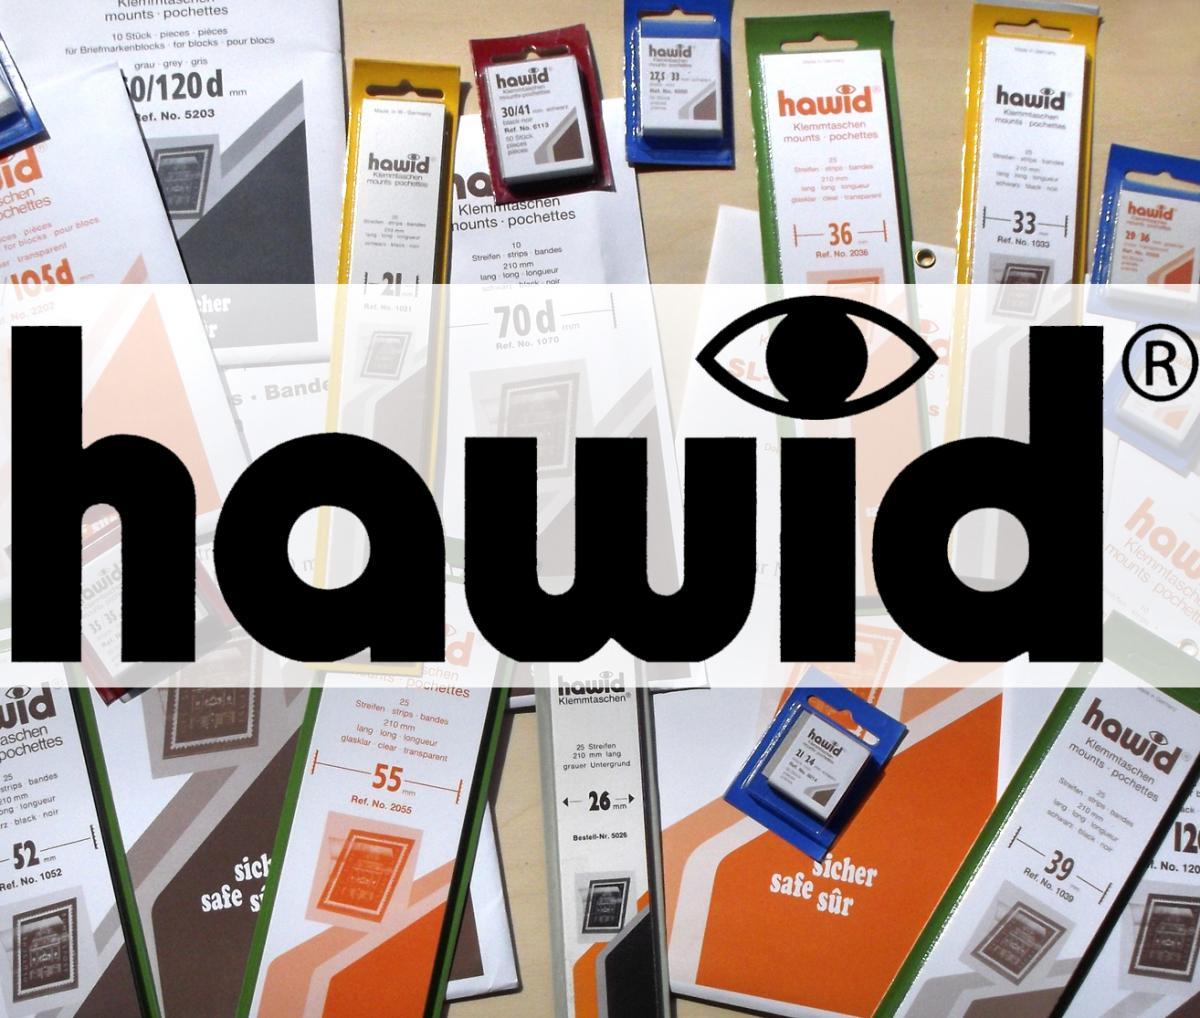 HAWID-Zuschnitte Klemmtaschen 36 x 26 mm, schwarz, 50 Stück, blaue Verpackung